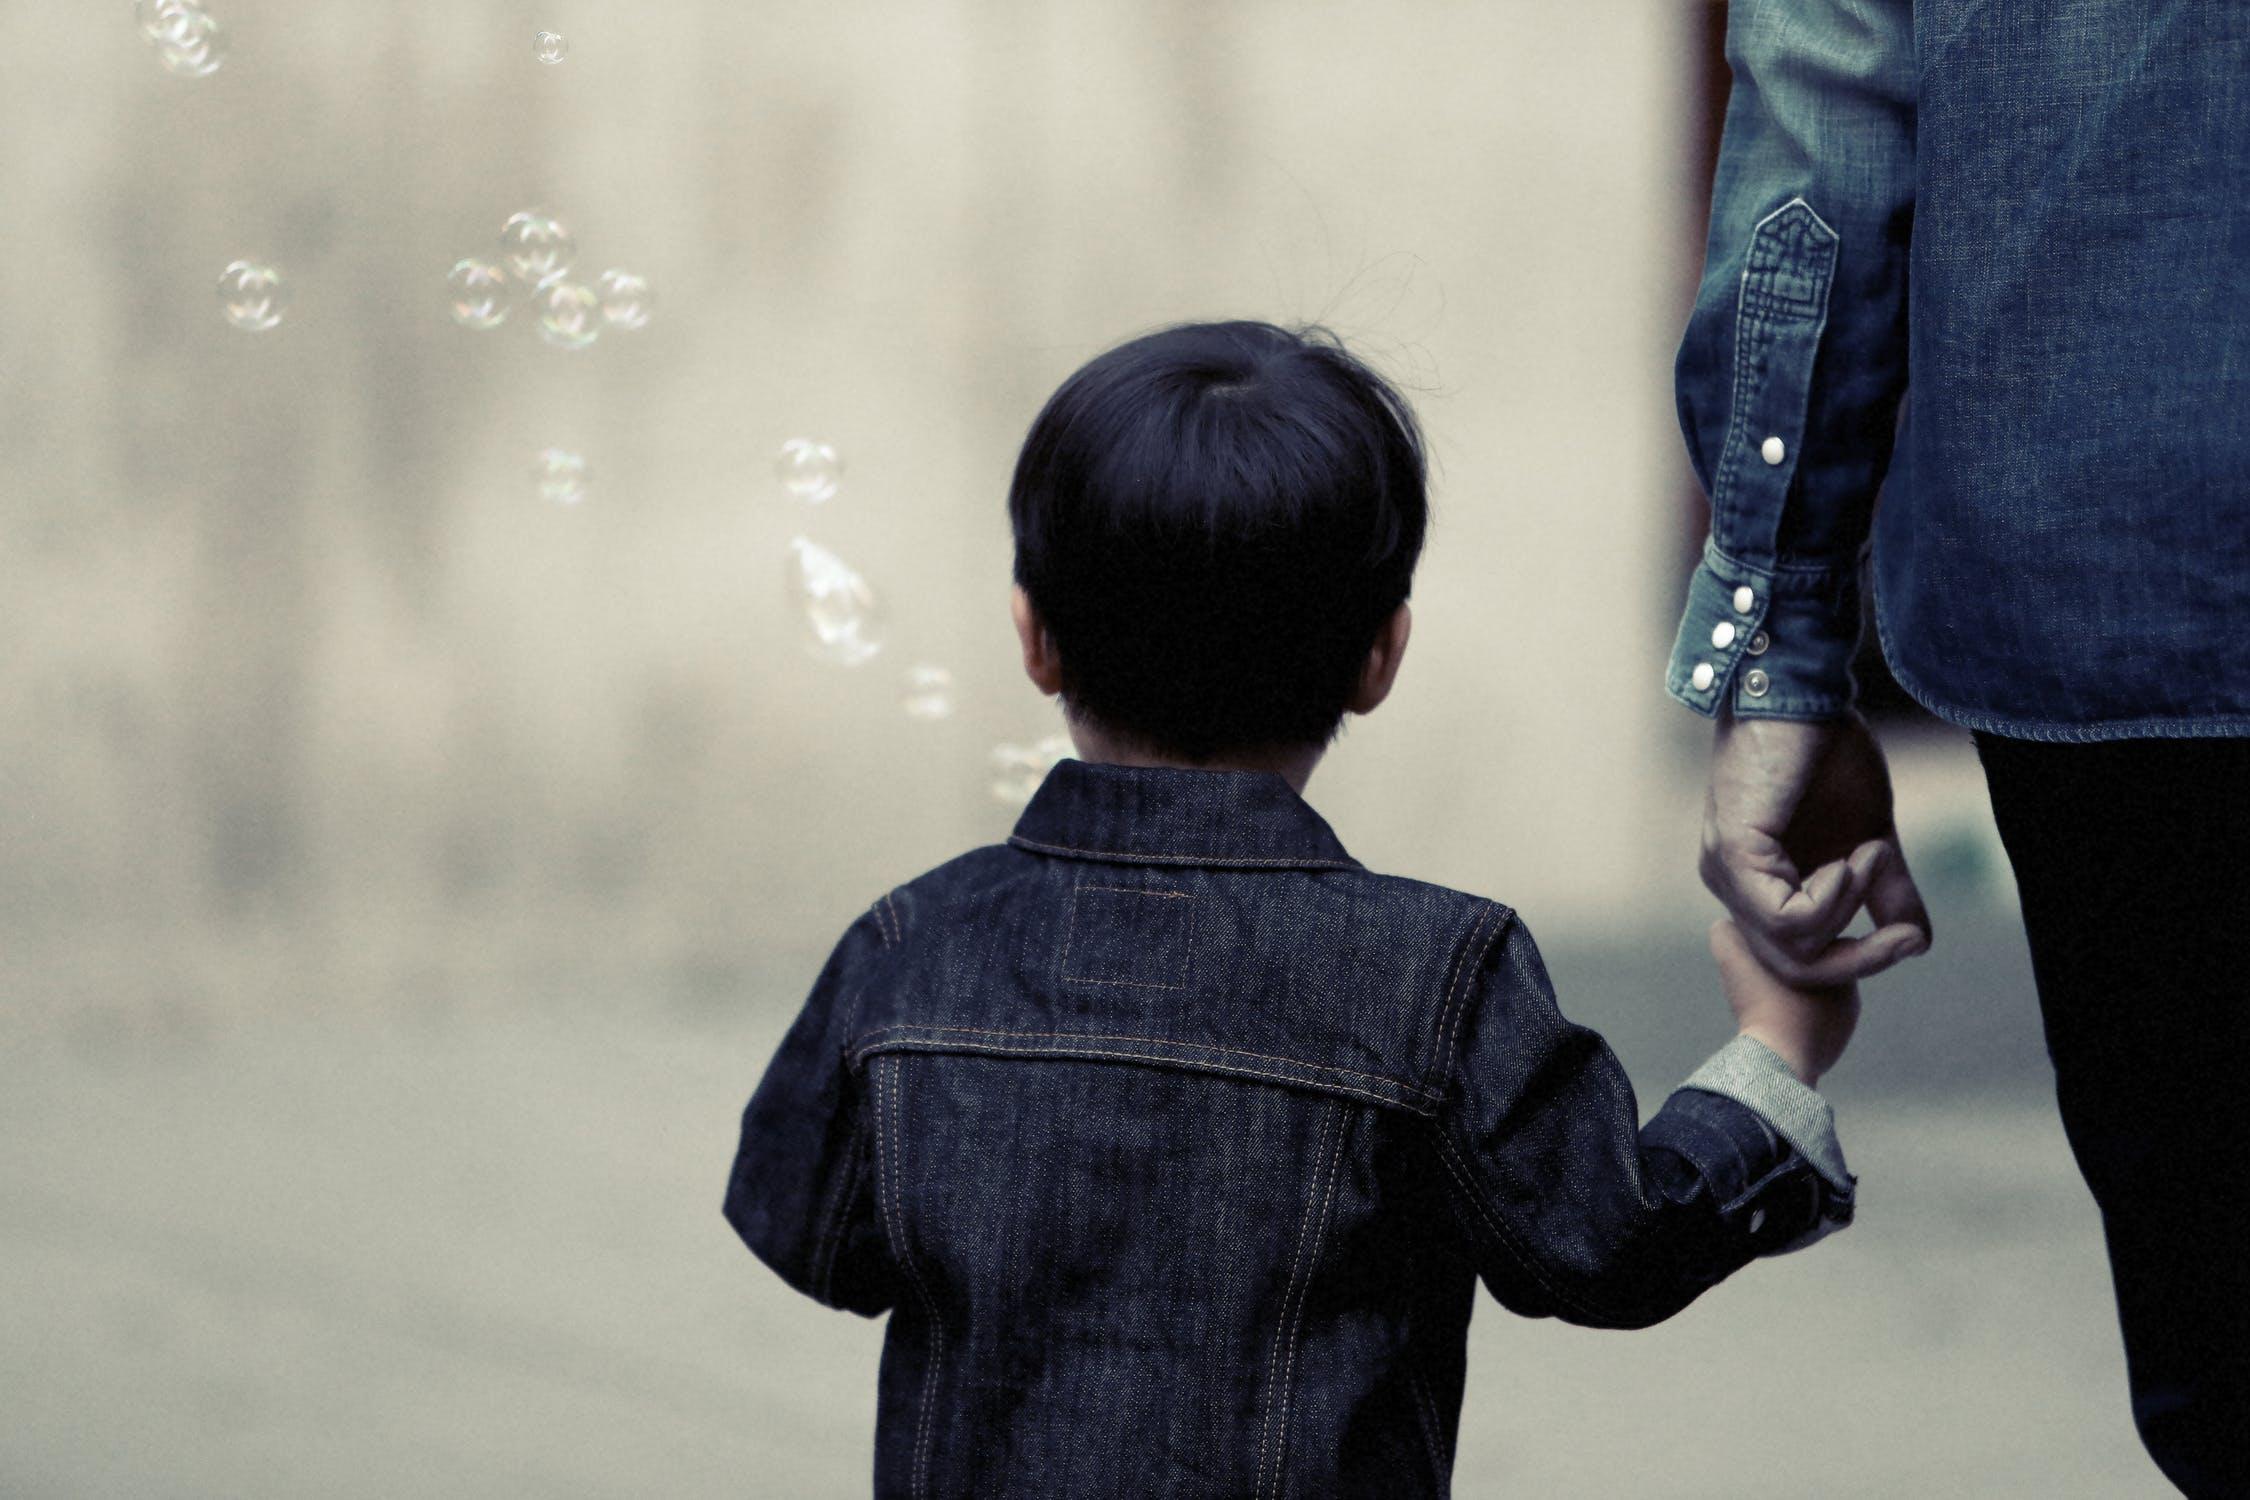 子育てのプレッシャーを軽やかに手放すための、3つの提案